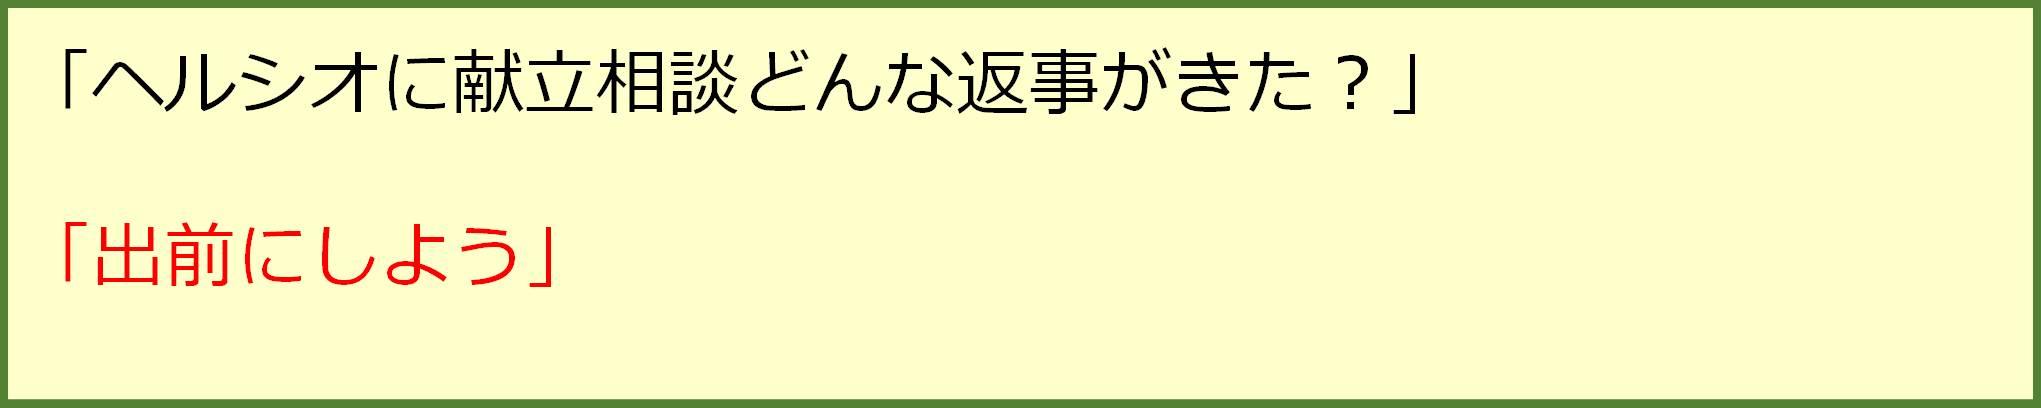 image_161027_3-1